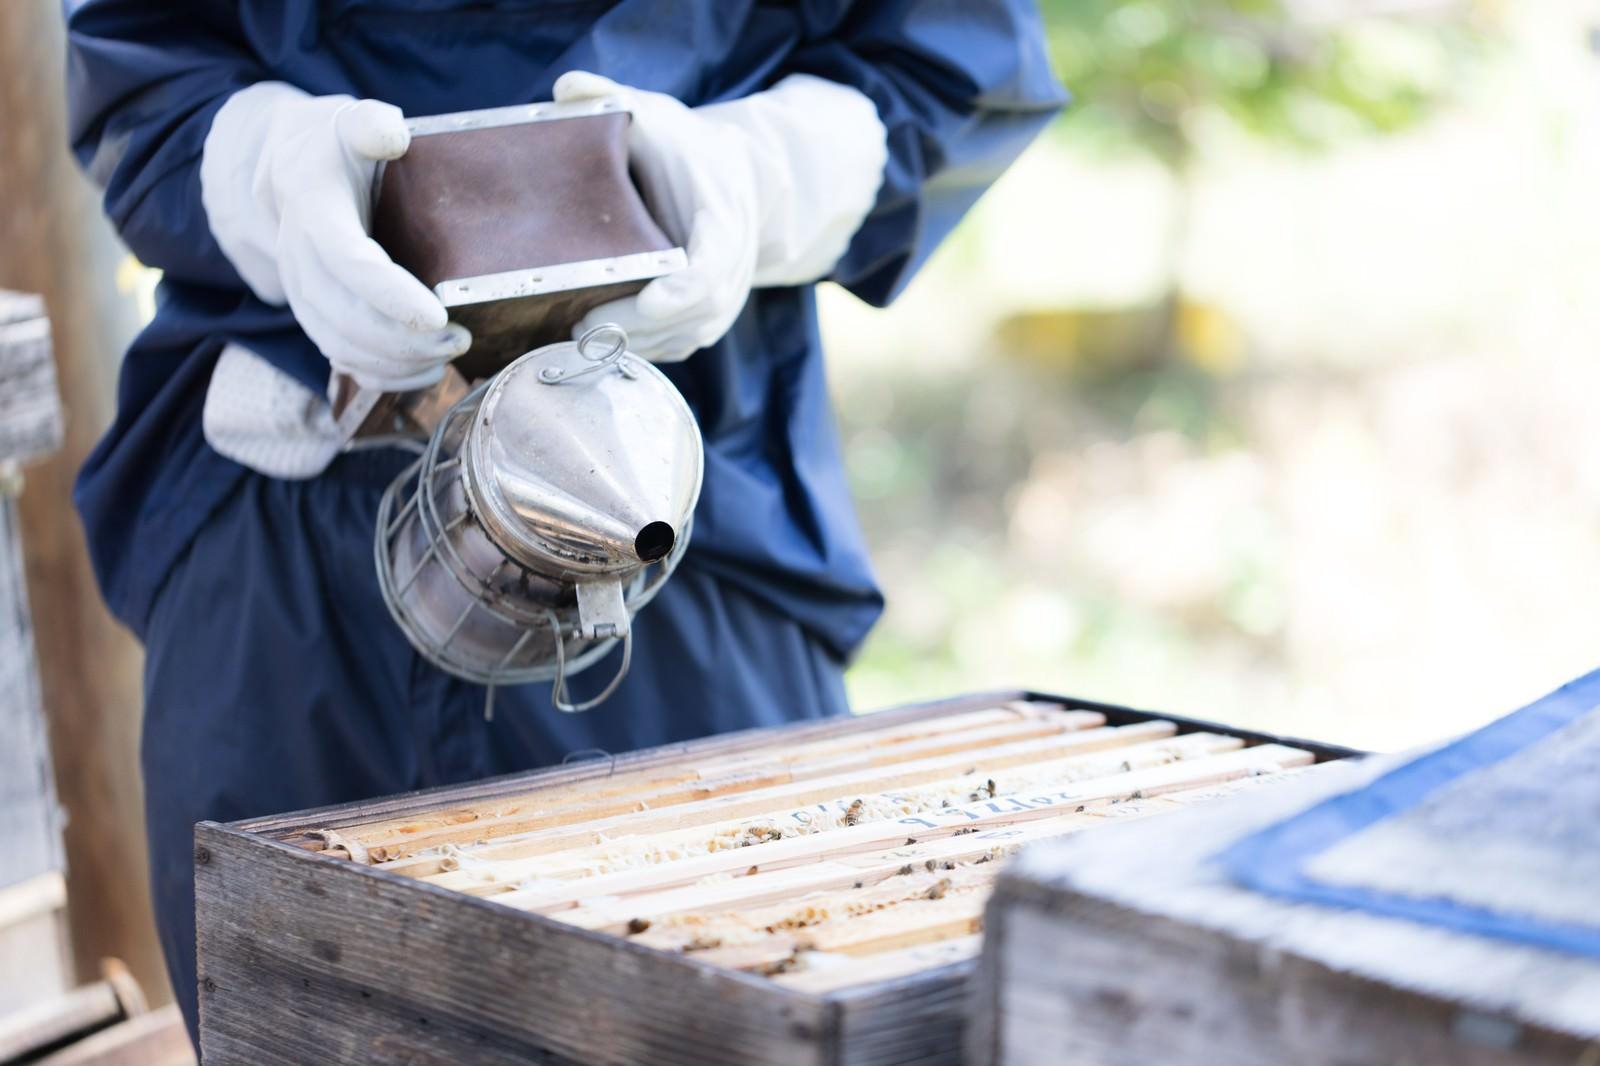 「煙を嫌がり、巣の奥に移動するミツバチ」の写真